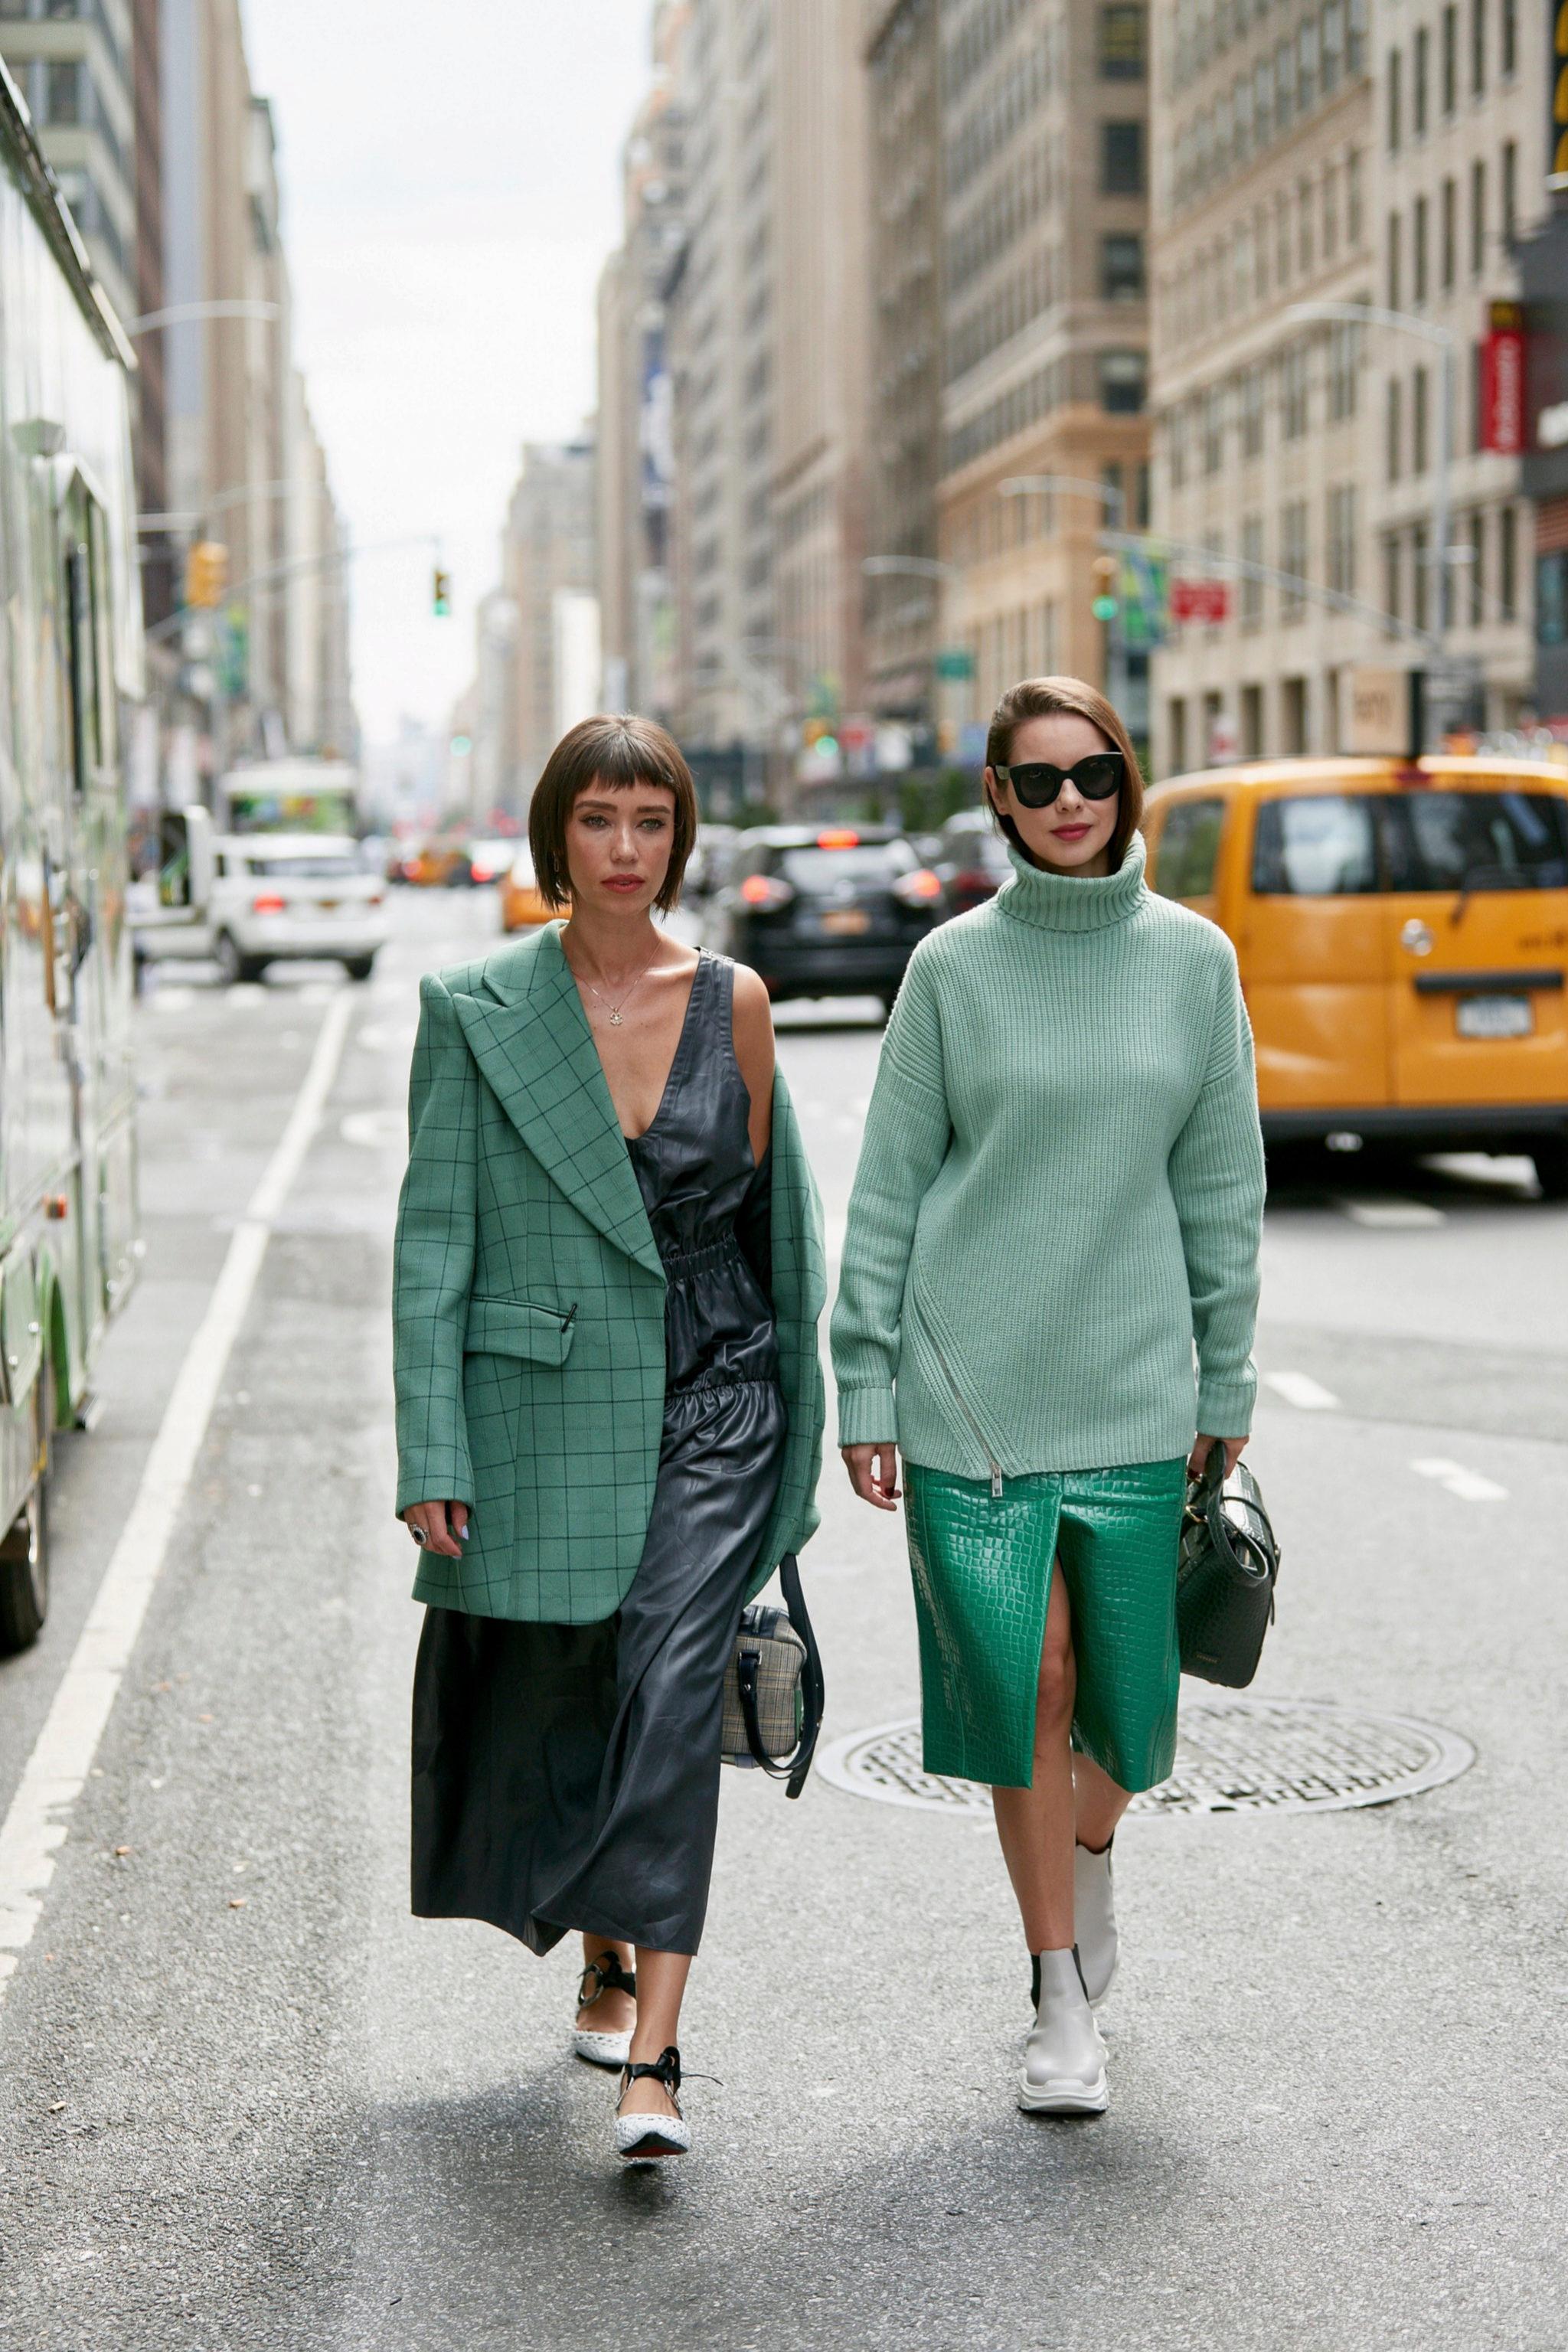 Dos looks que demuestran cómo llevar el binomio verde y negro con estilo